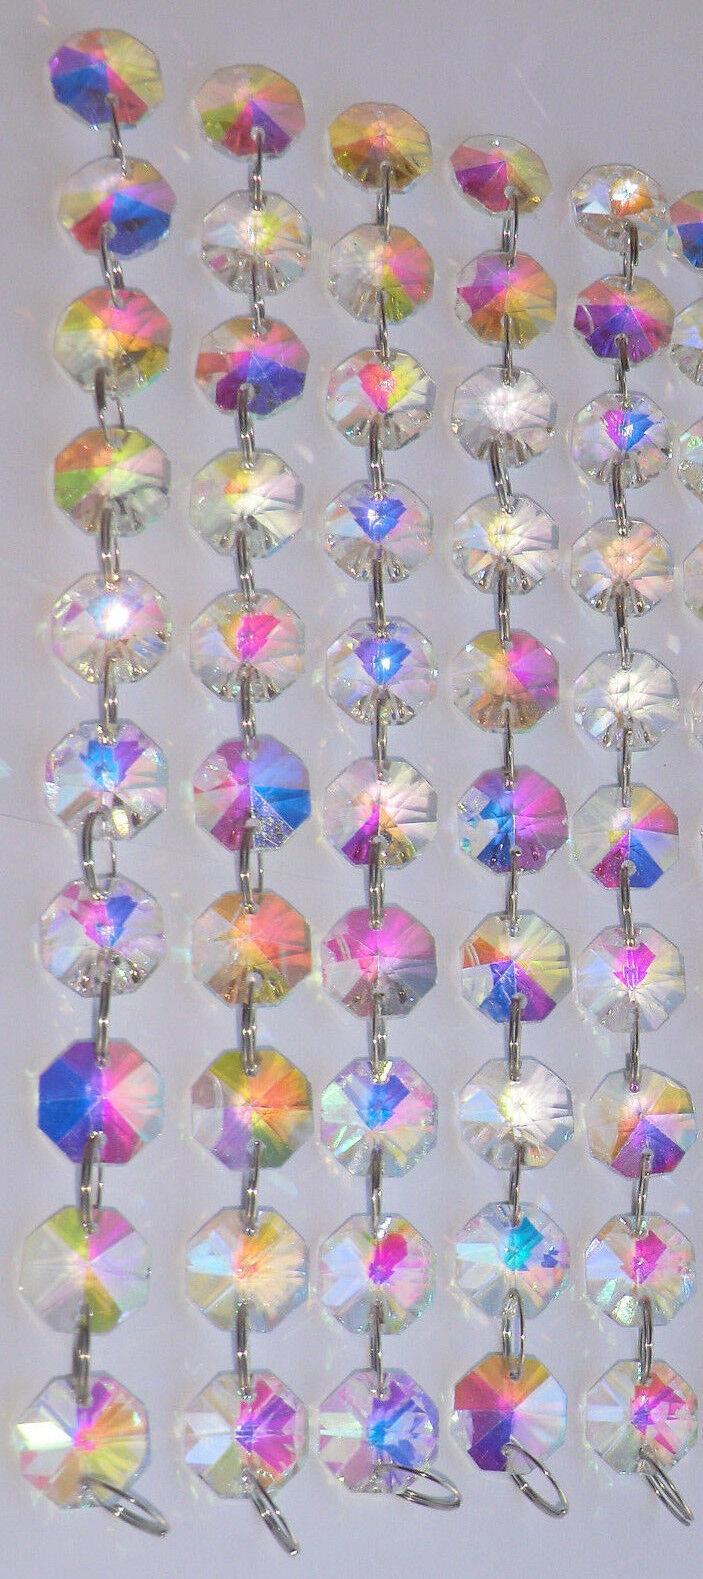 Ab Aurora Aurora Aurora Borealis Kristallglas Kristallen Kronleuchter Tropfen Ersatz Licht b8a862